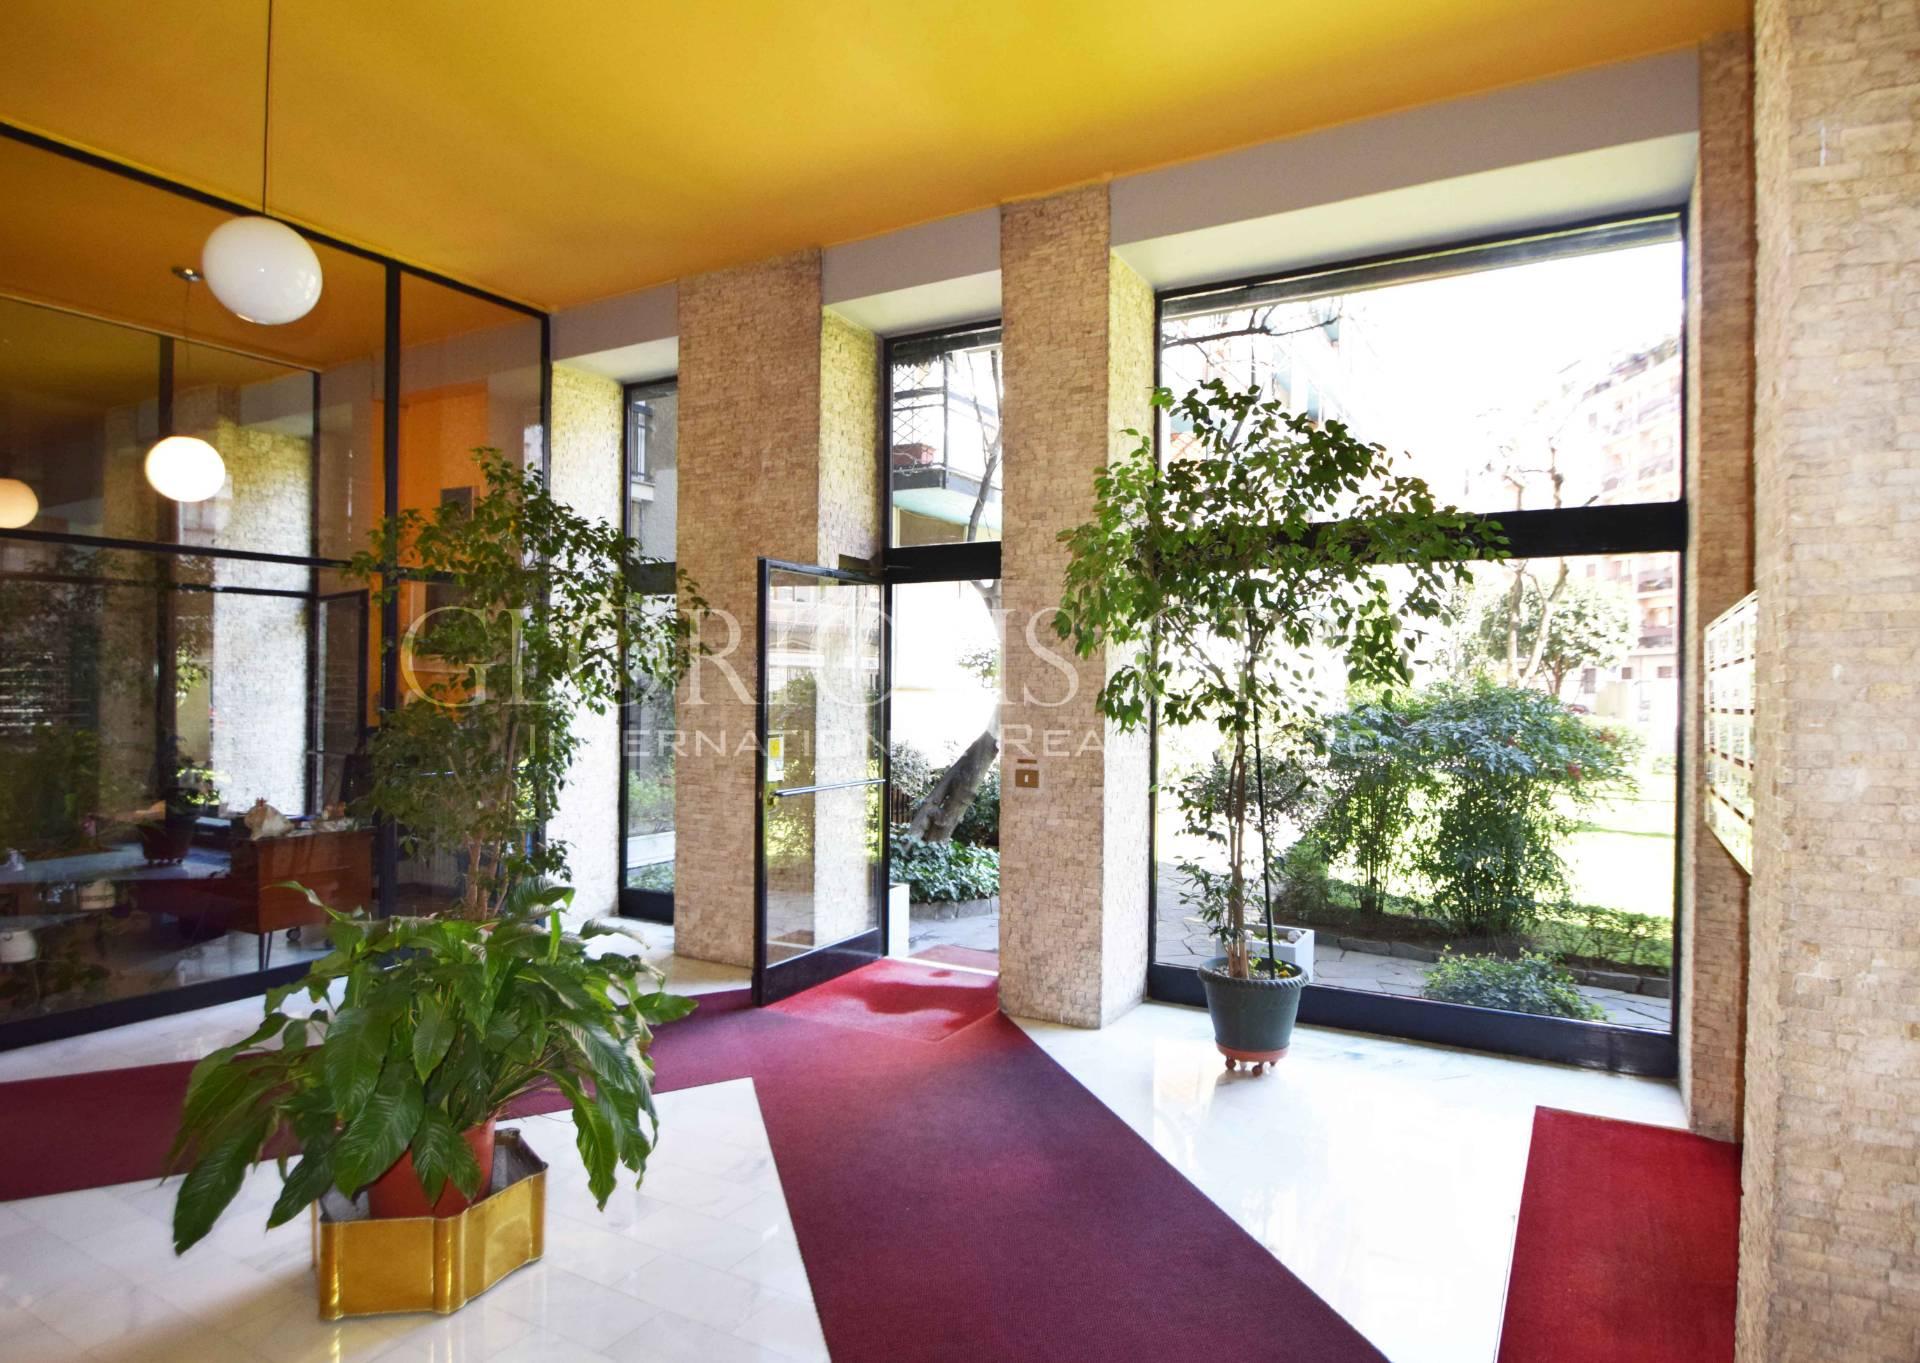 Ufficio-studio in Vendita a Milano 19 Farini / Maciachini / Gattamelata / Sempione / Monumentale: 3 locali, 77 mq